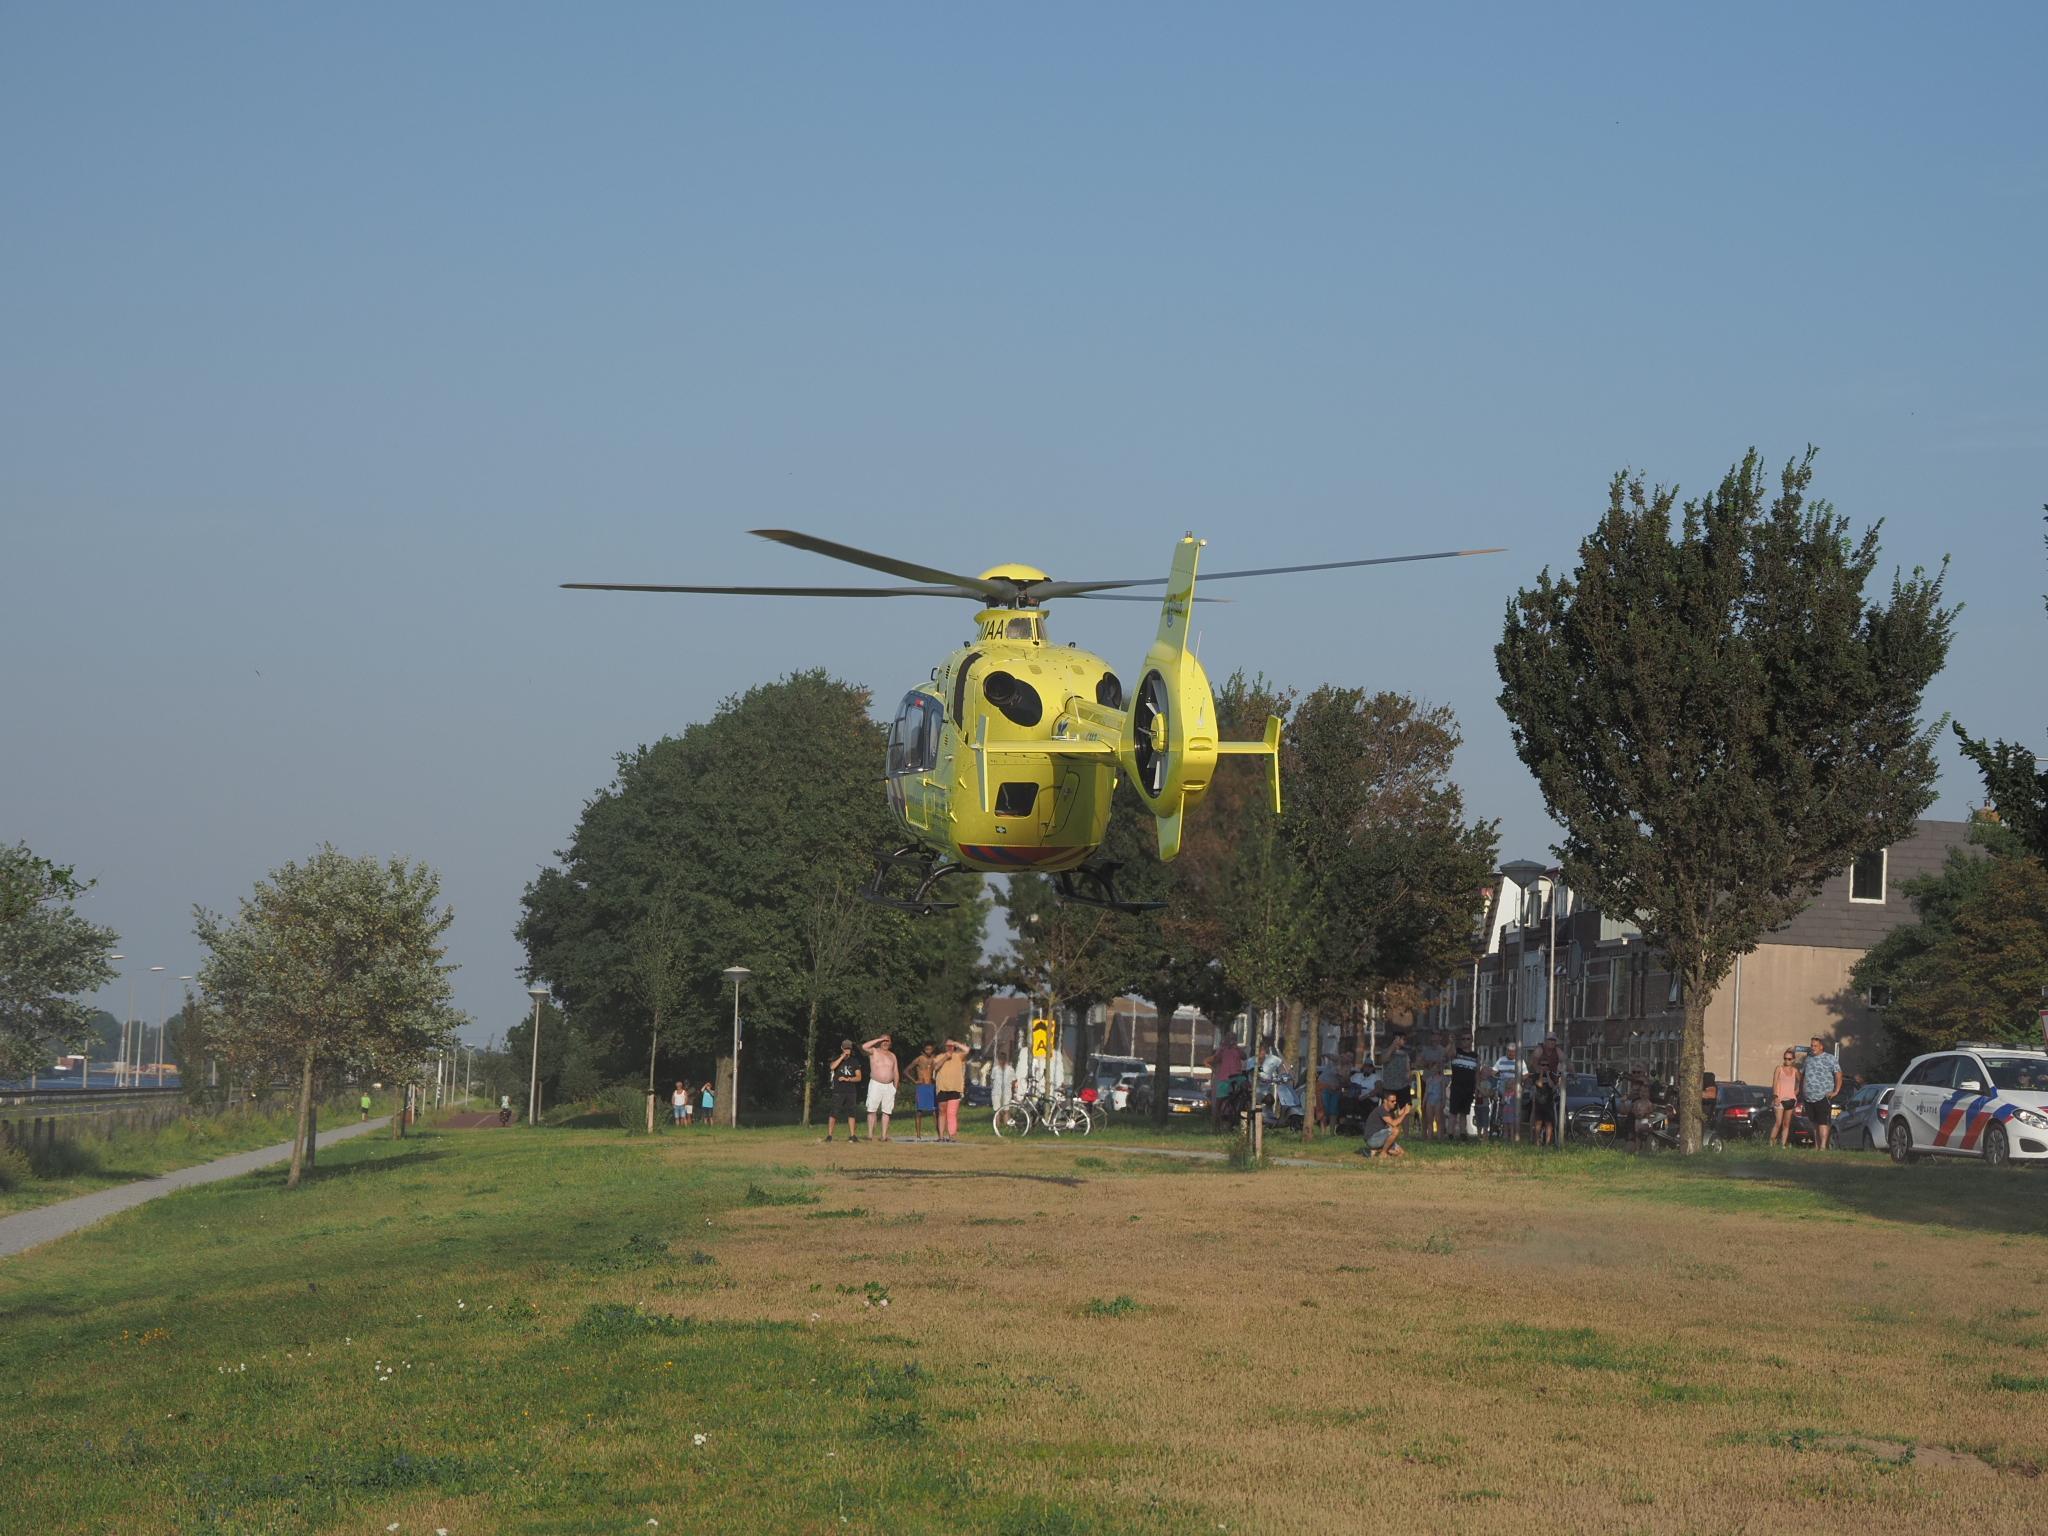 Fietsster zwaargewond bij eenzijdig ongeval in IJmuiden, traumahelikopter ter plaatse